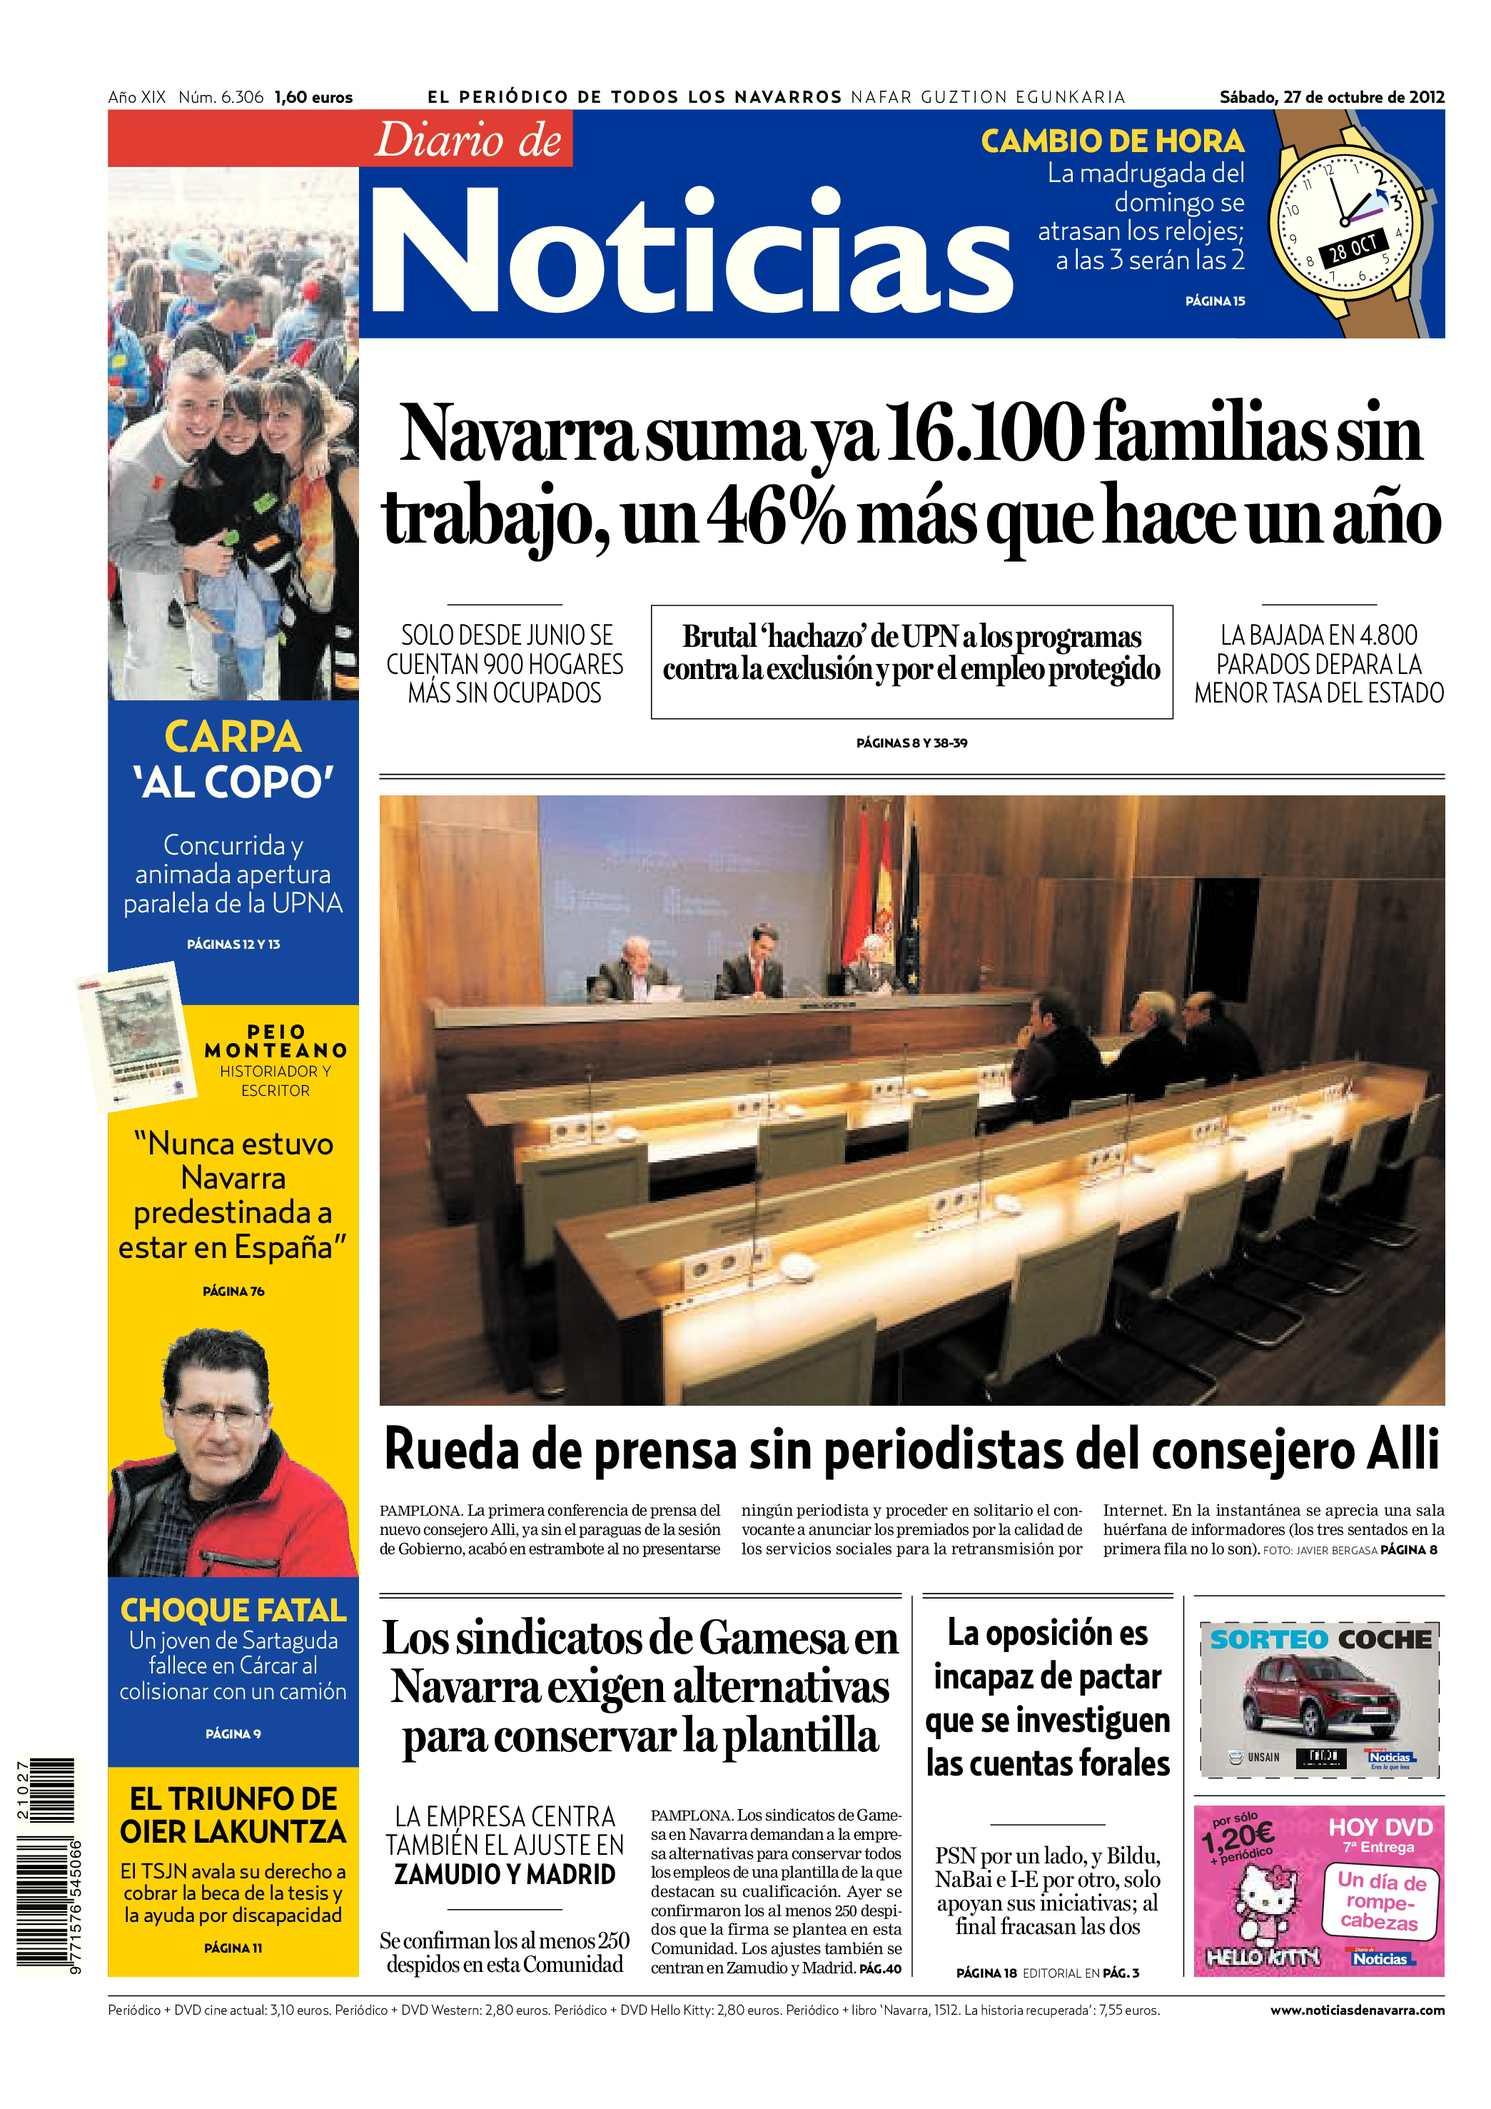 e88585de1922 Calaméo - Diario de Noticias 20121027